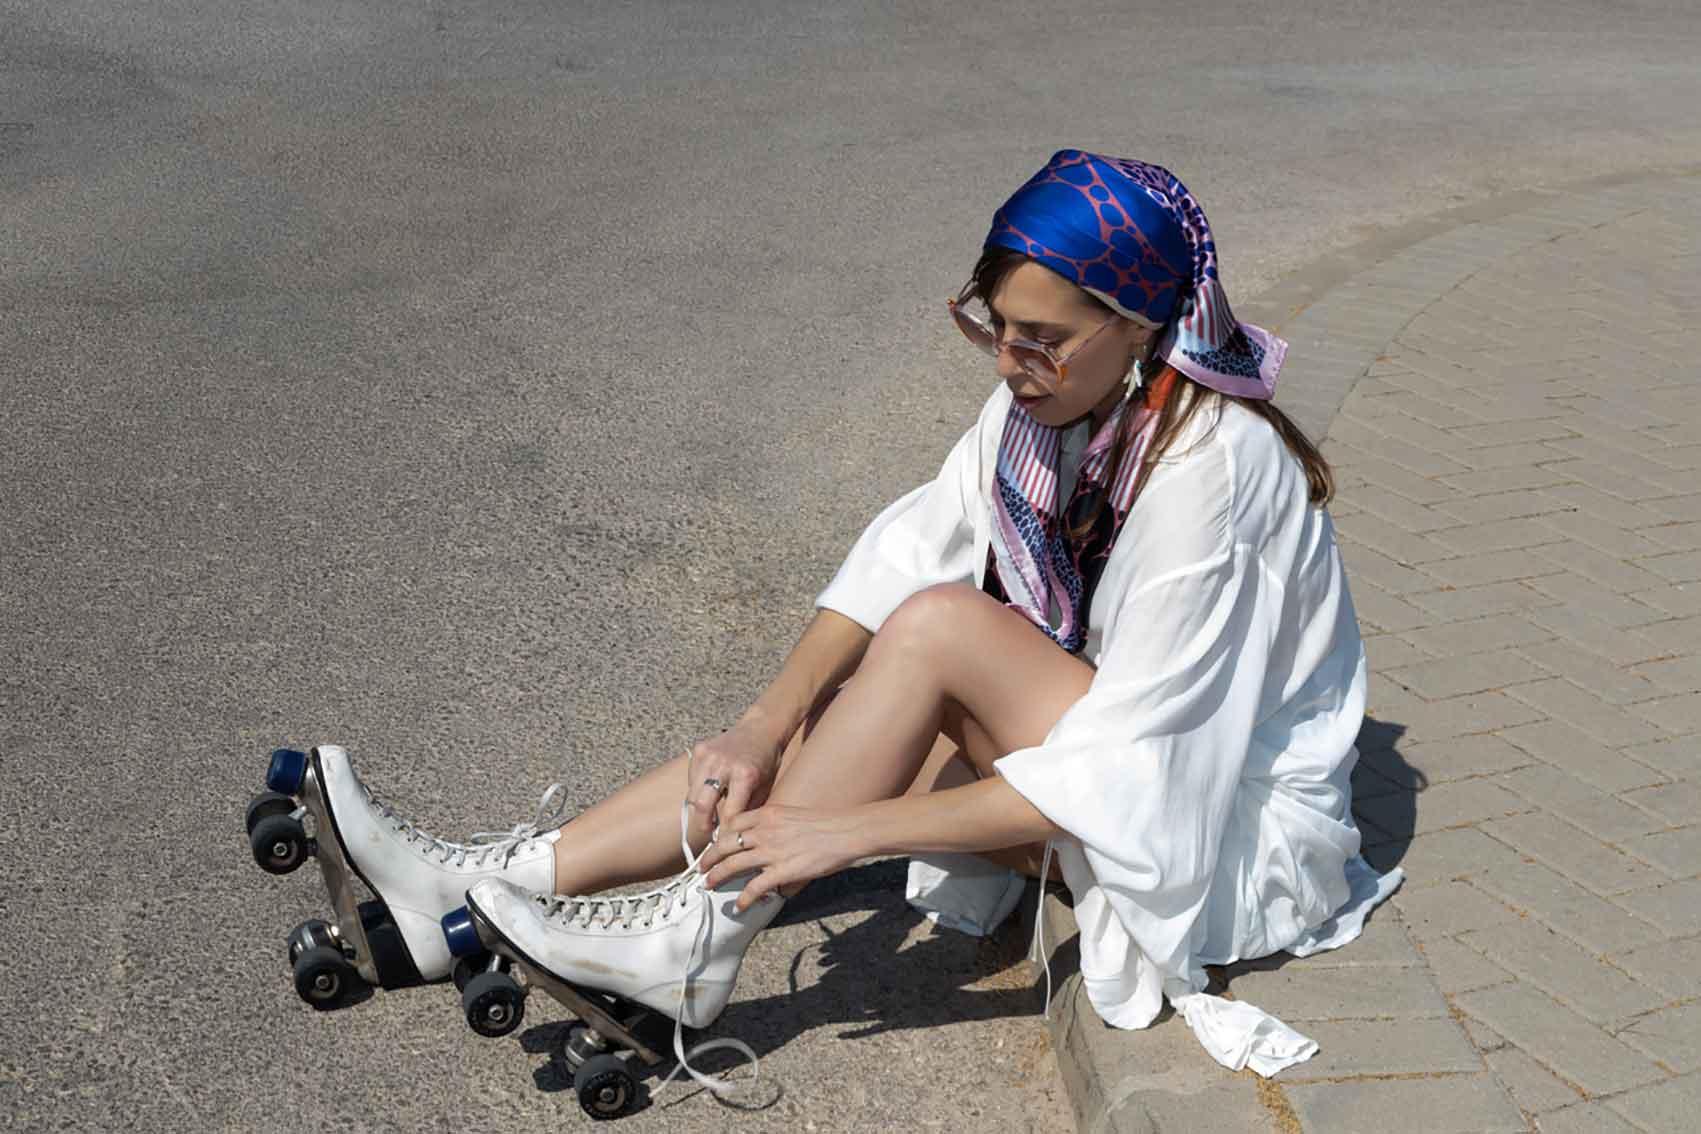 צילום: שירן קפלן, סטיילינג: אור צפריר, איפור ושיער: שולמית גלעדי, דוגמניות:שירן זריהן, שירן מוסטובוי - Fashion Israel - מגזין אופנה ישראלי-08